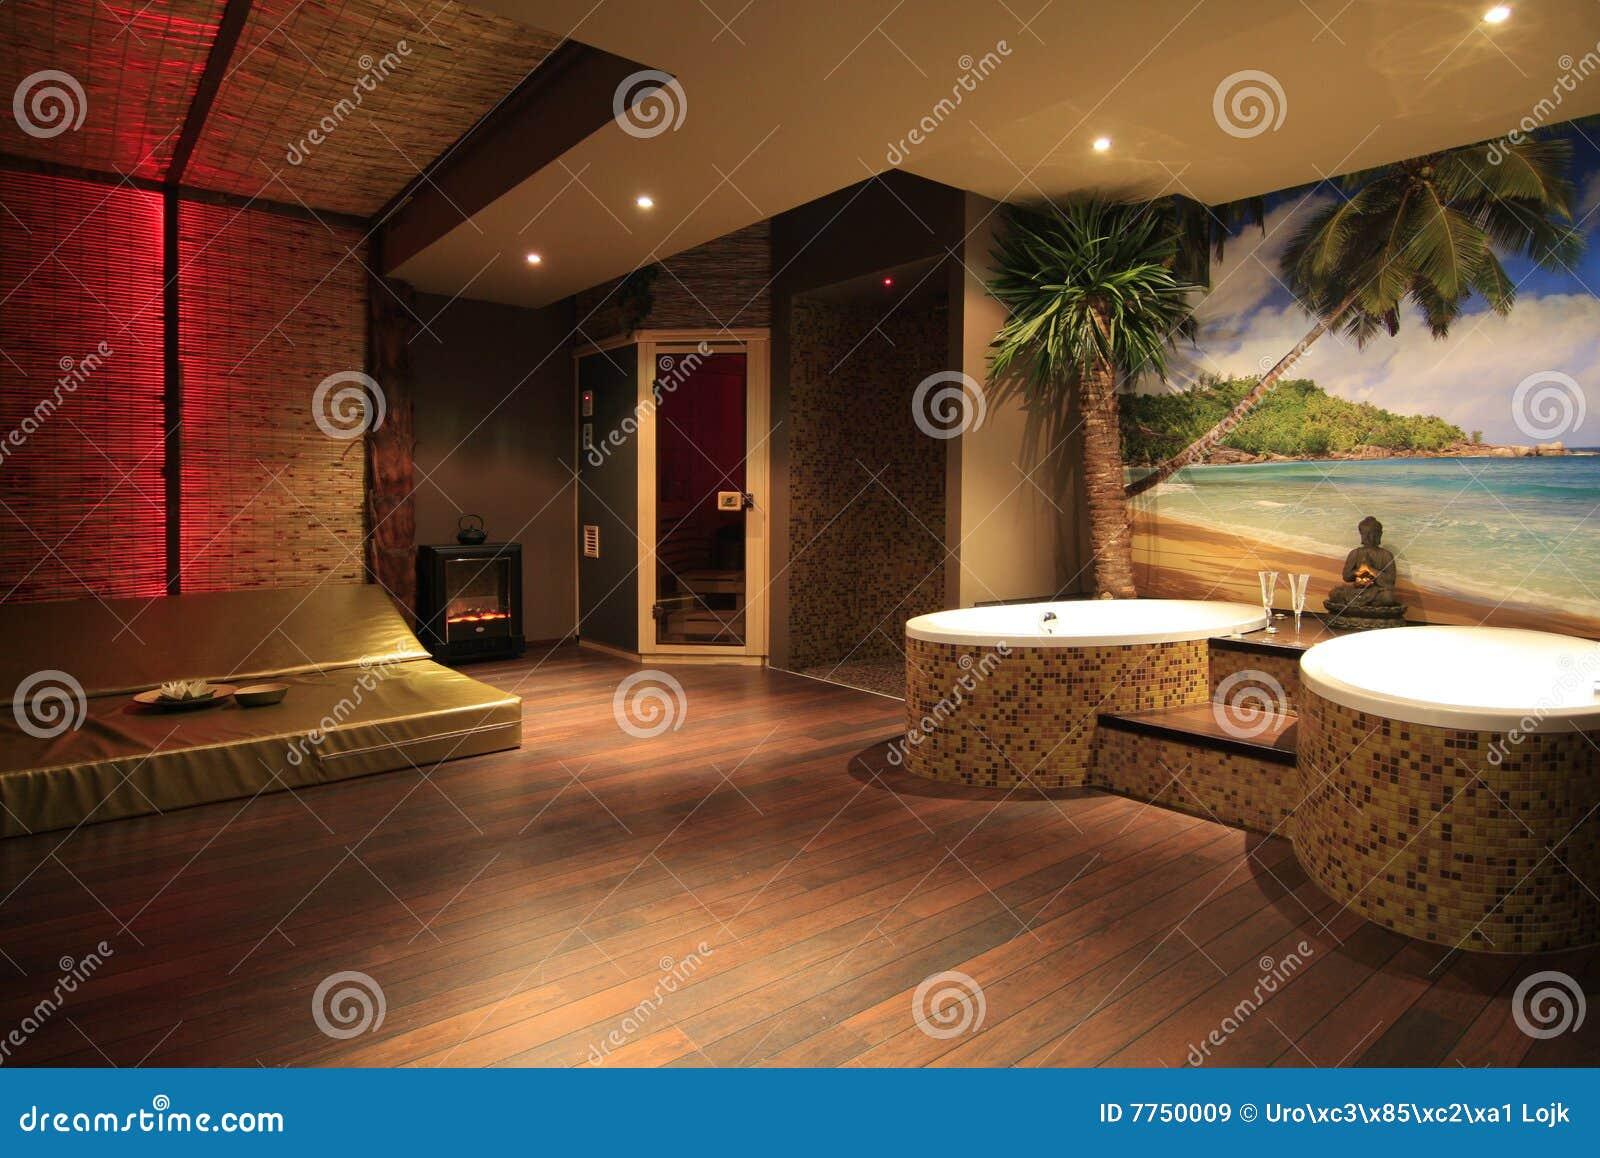 gratis kontaktsidor privat spa stockholm